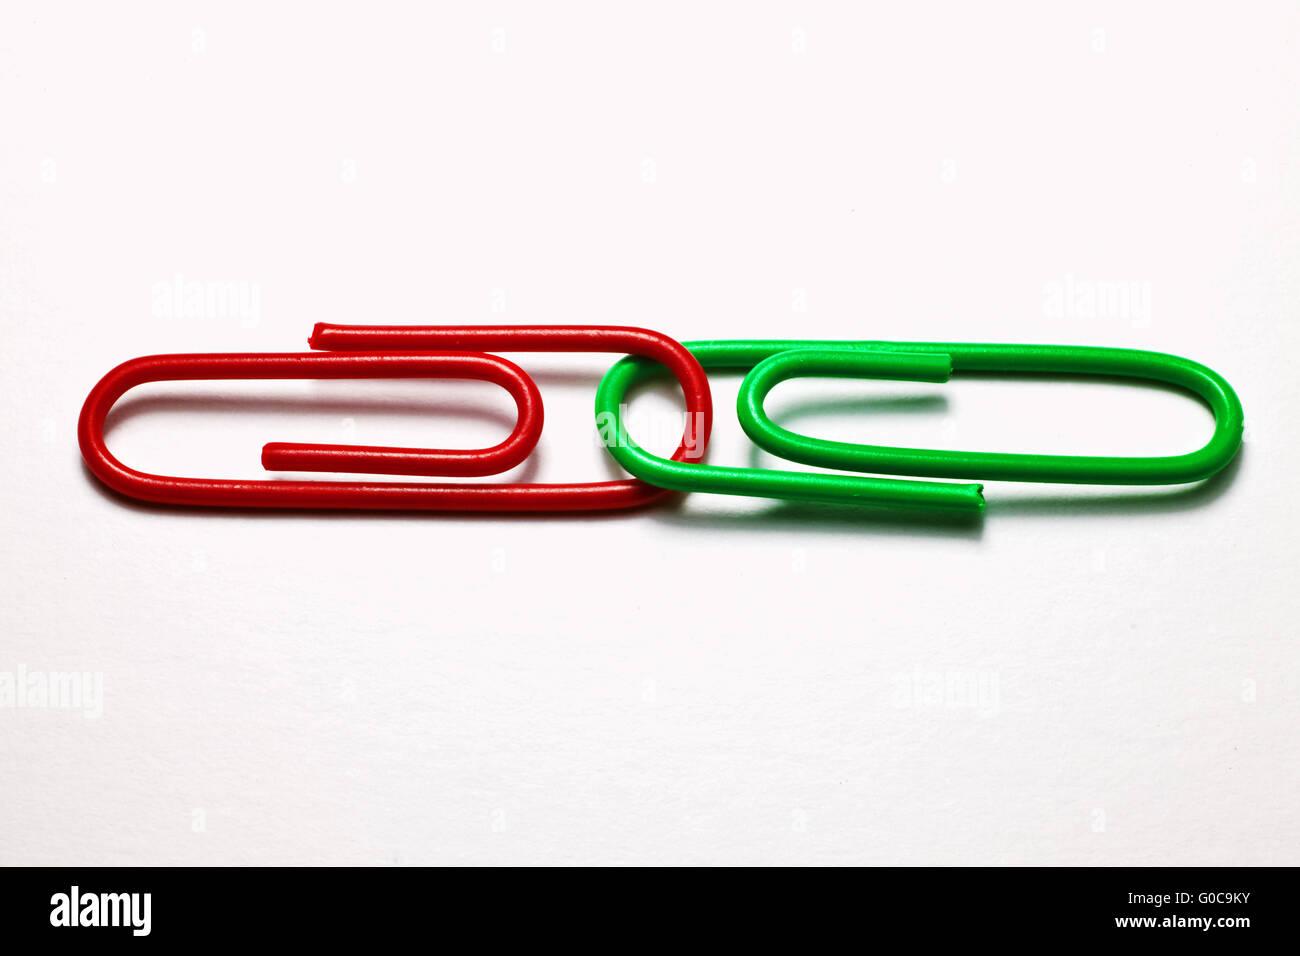 Rote und grüne Büroklammern, symbolisches Bild Stockbild